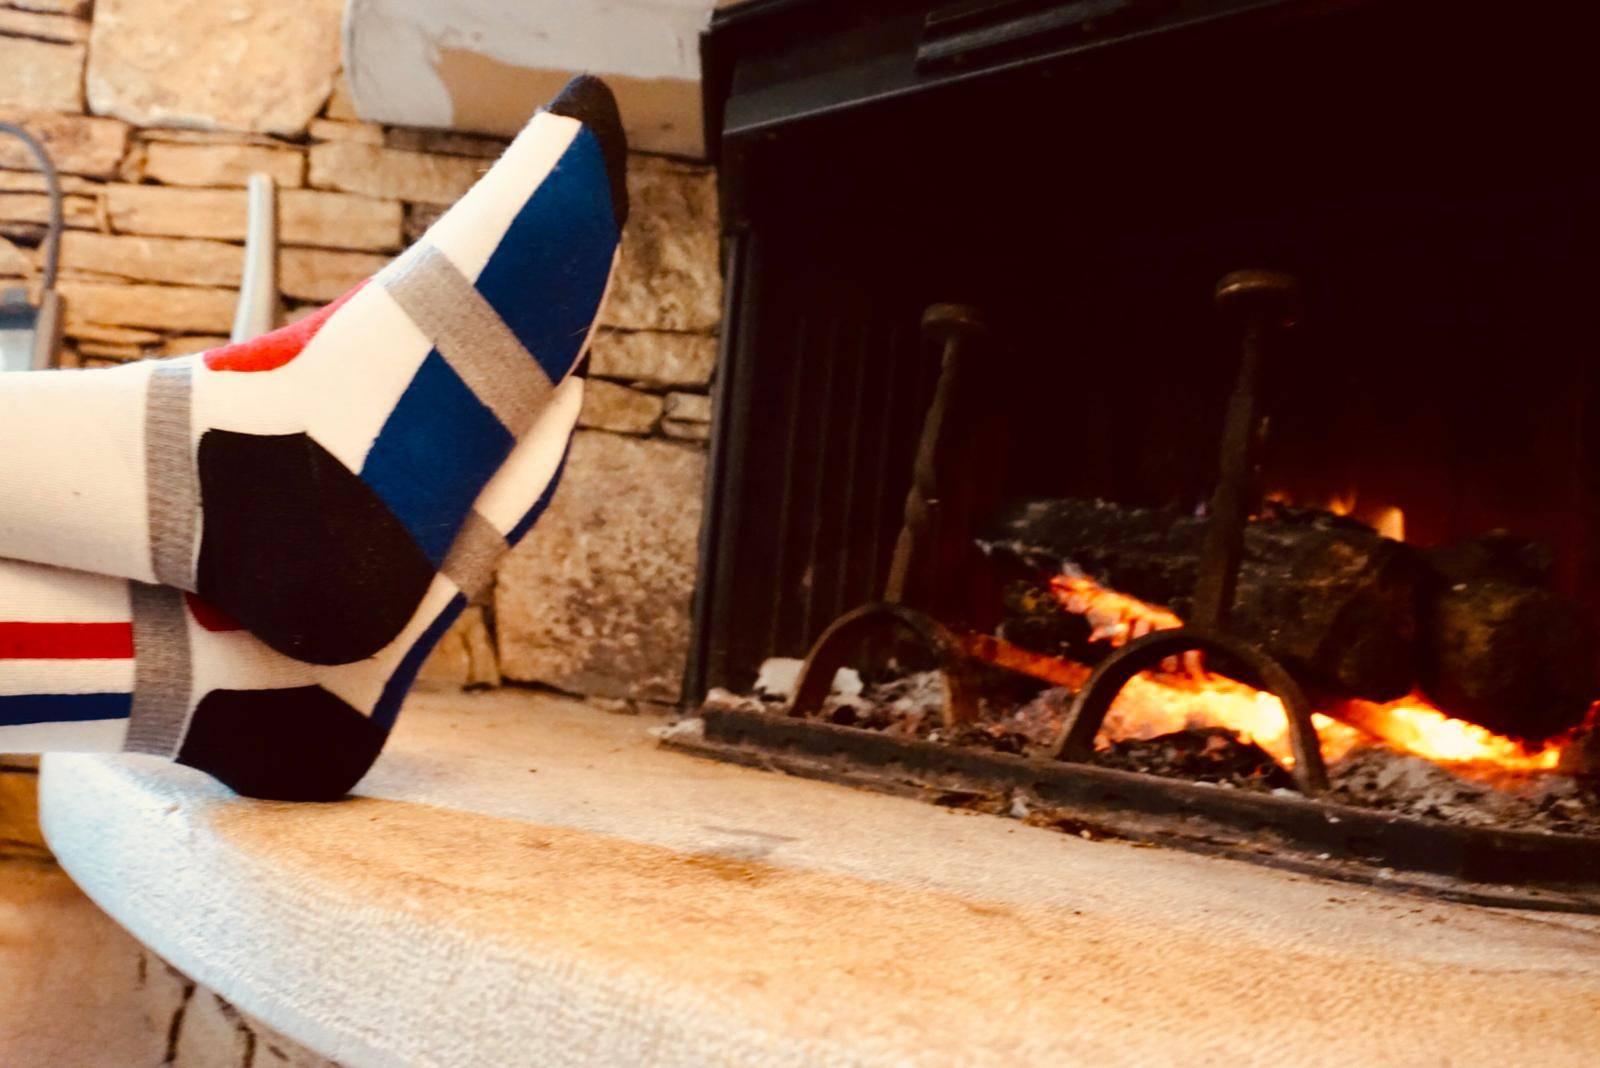 chaussettes de ski avec un bon maintien du pied